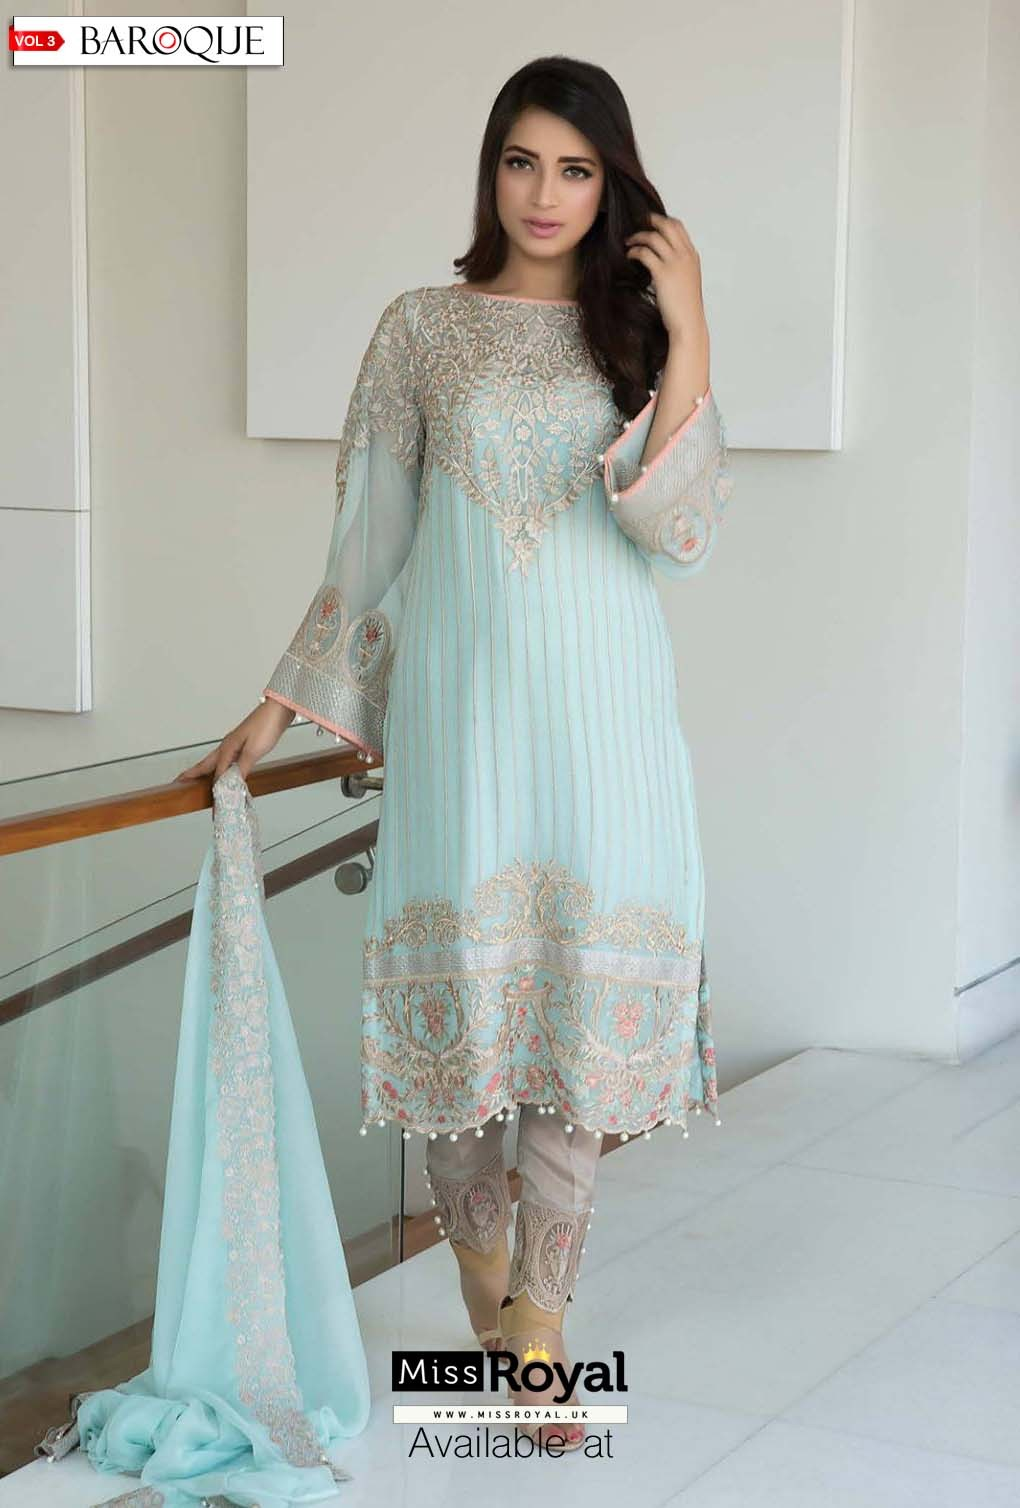 Baroque Aqua Lush Luxury Chiffon Dress vol3 - 02b